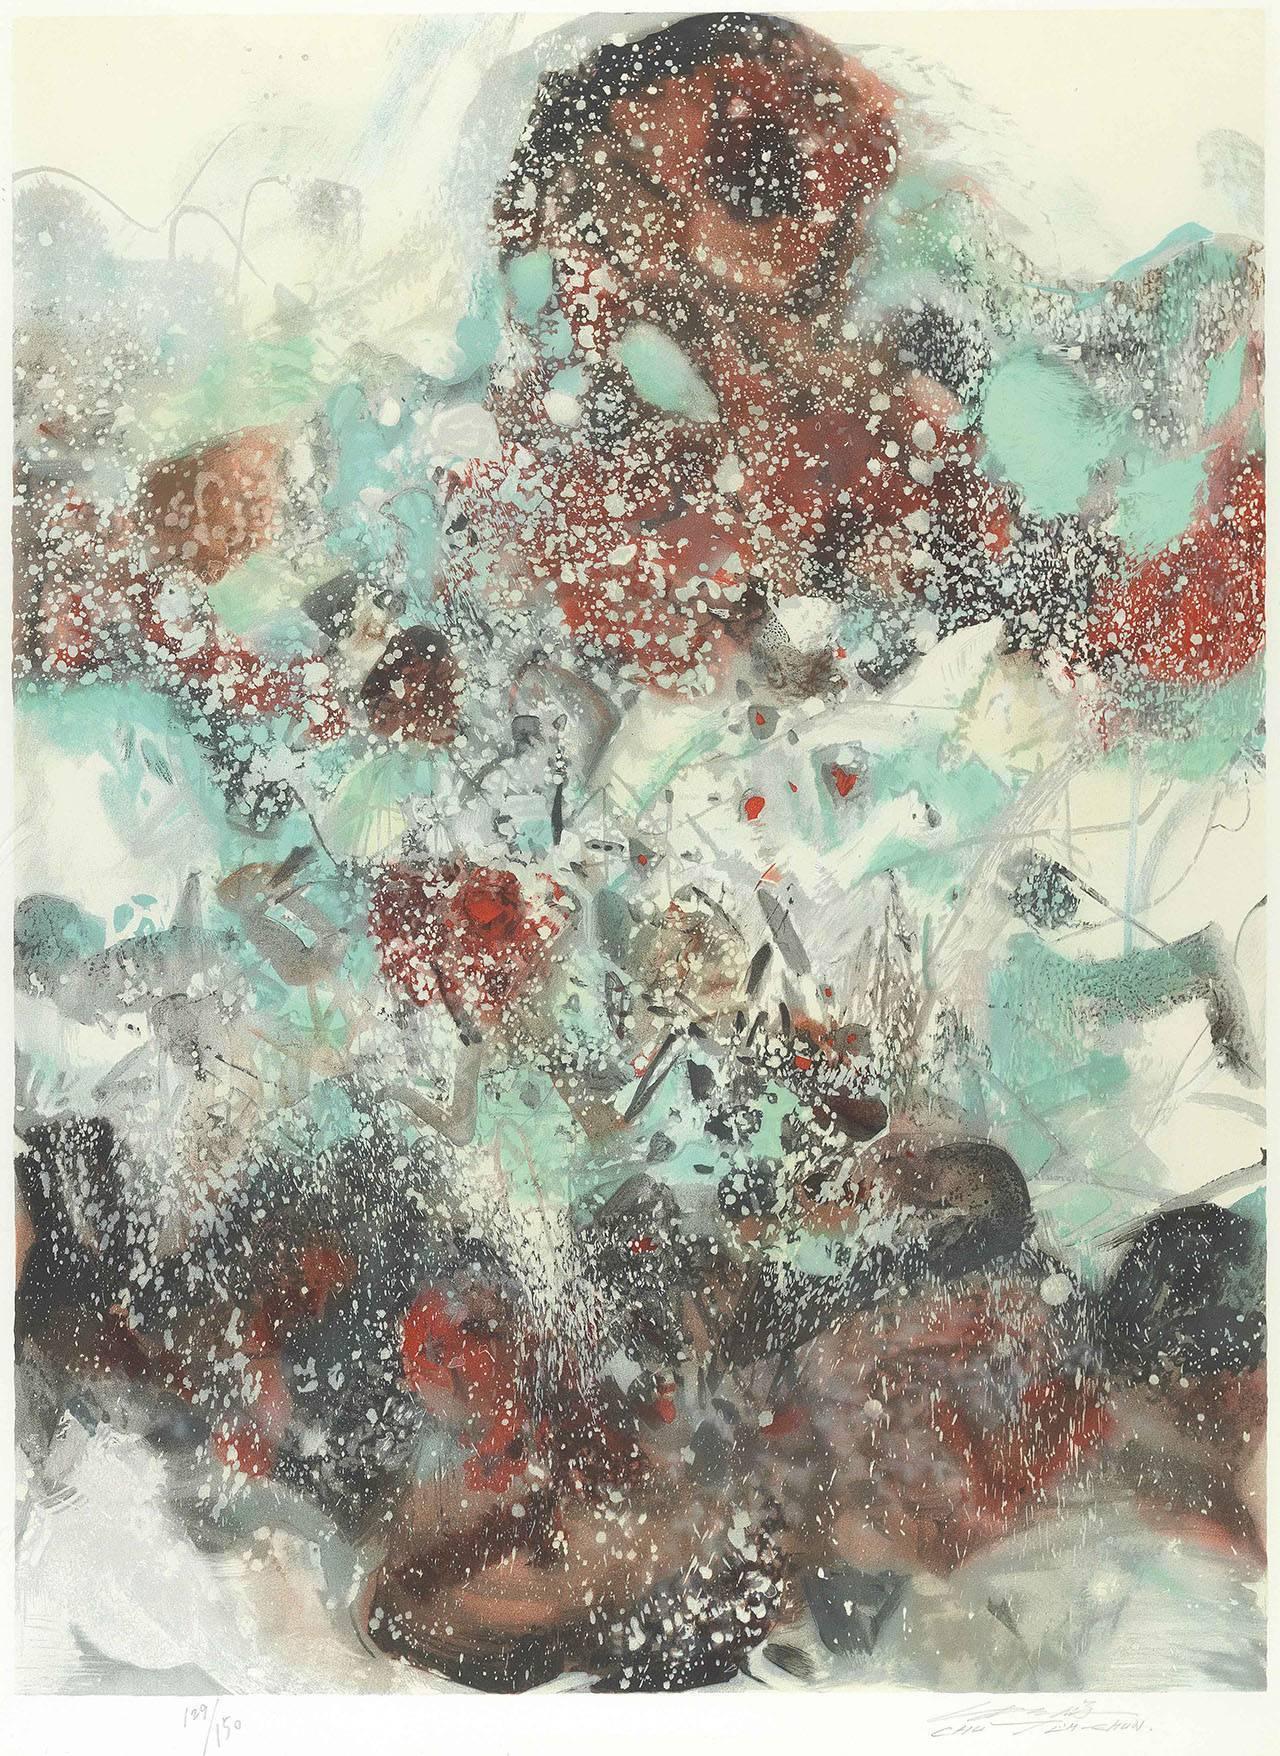 朱德群 雪景 石版畫 92x69cm 版數 129/150 簽名於右下